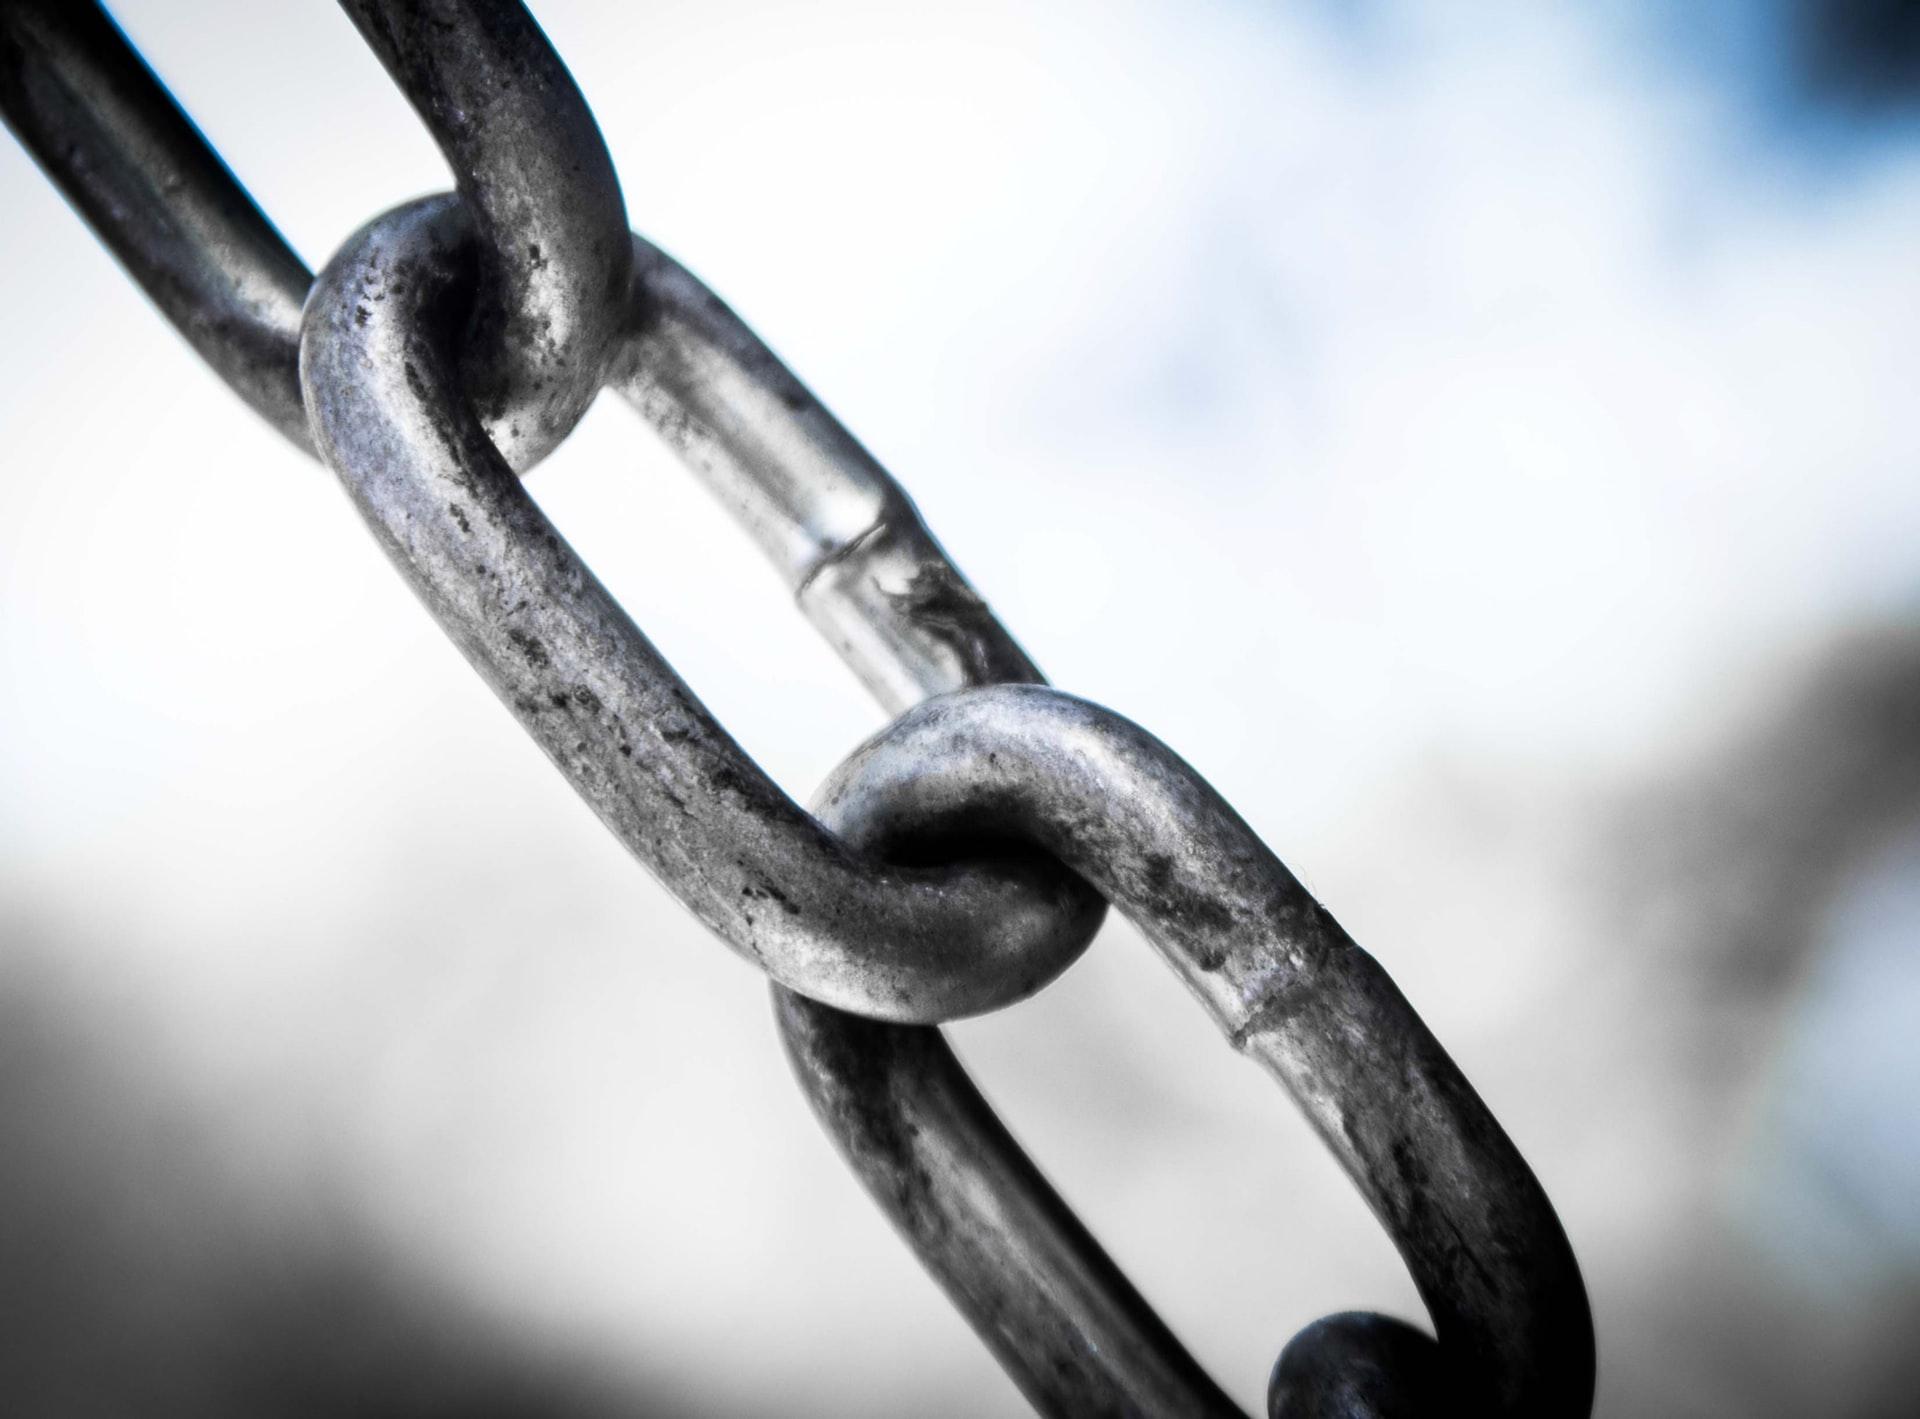 Best Link-Building Practices to Avoid Google Penalties